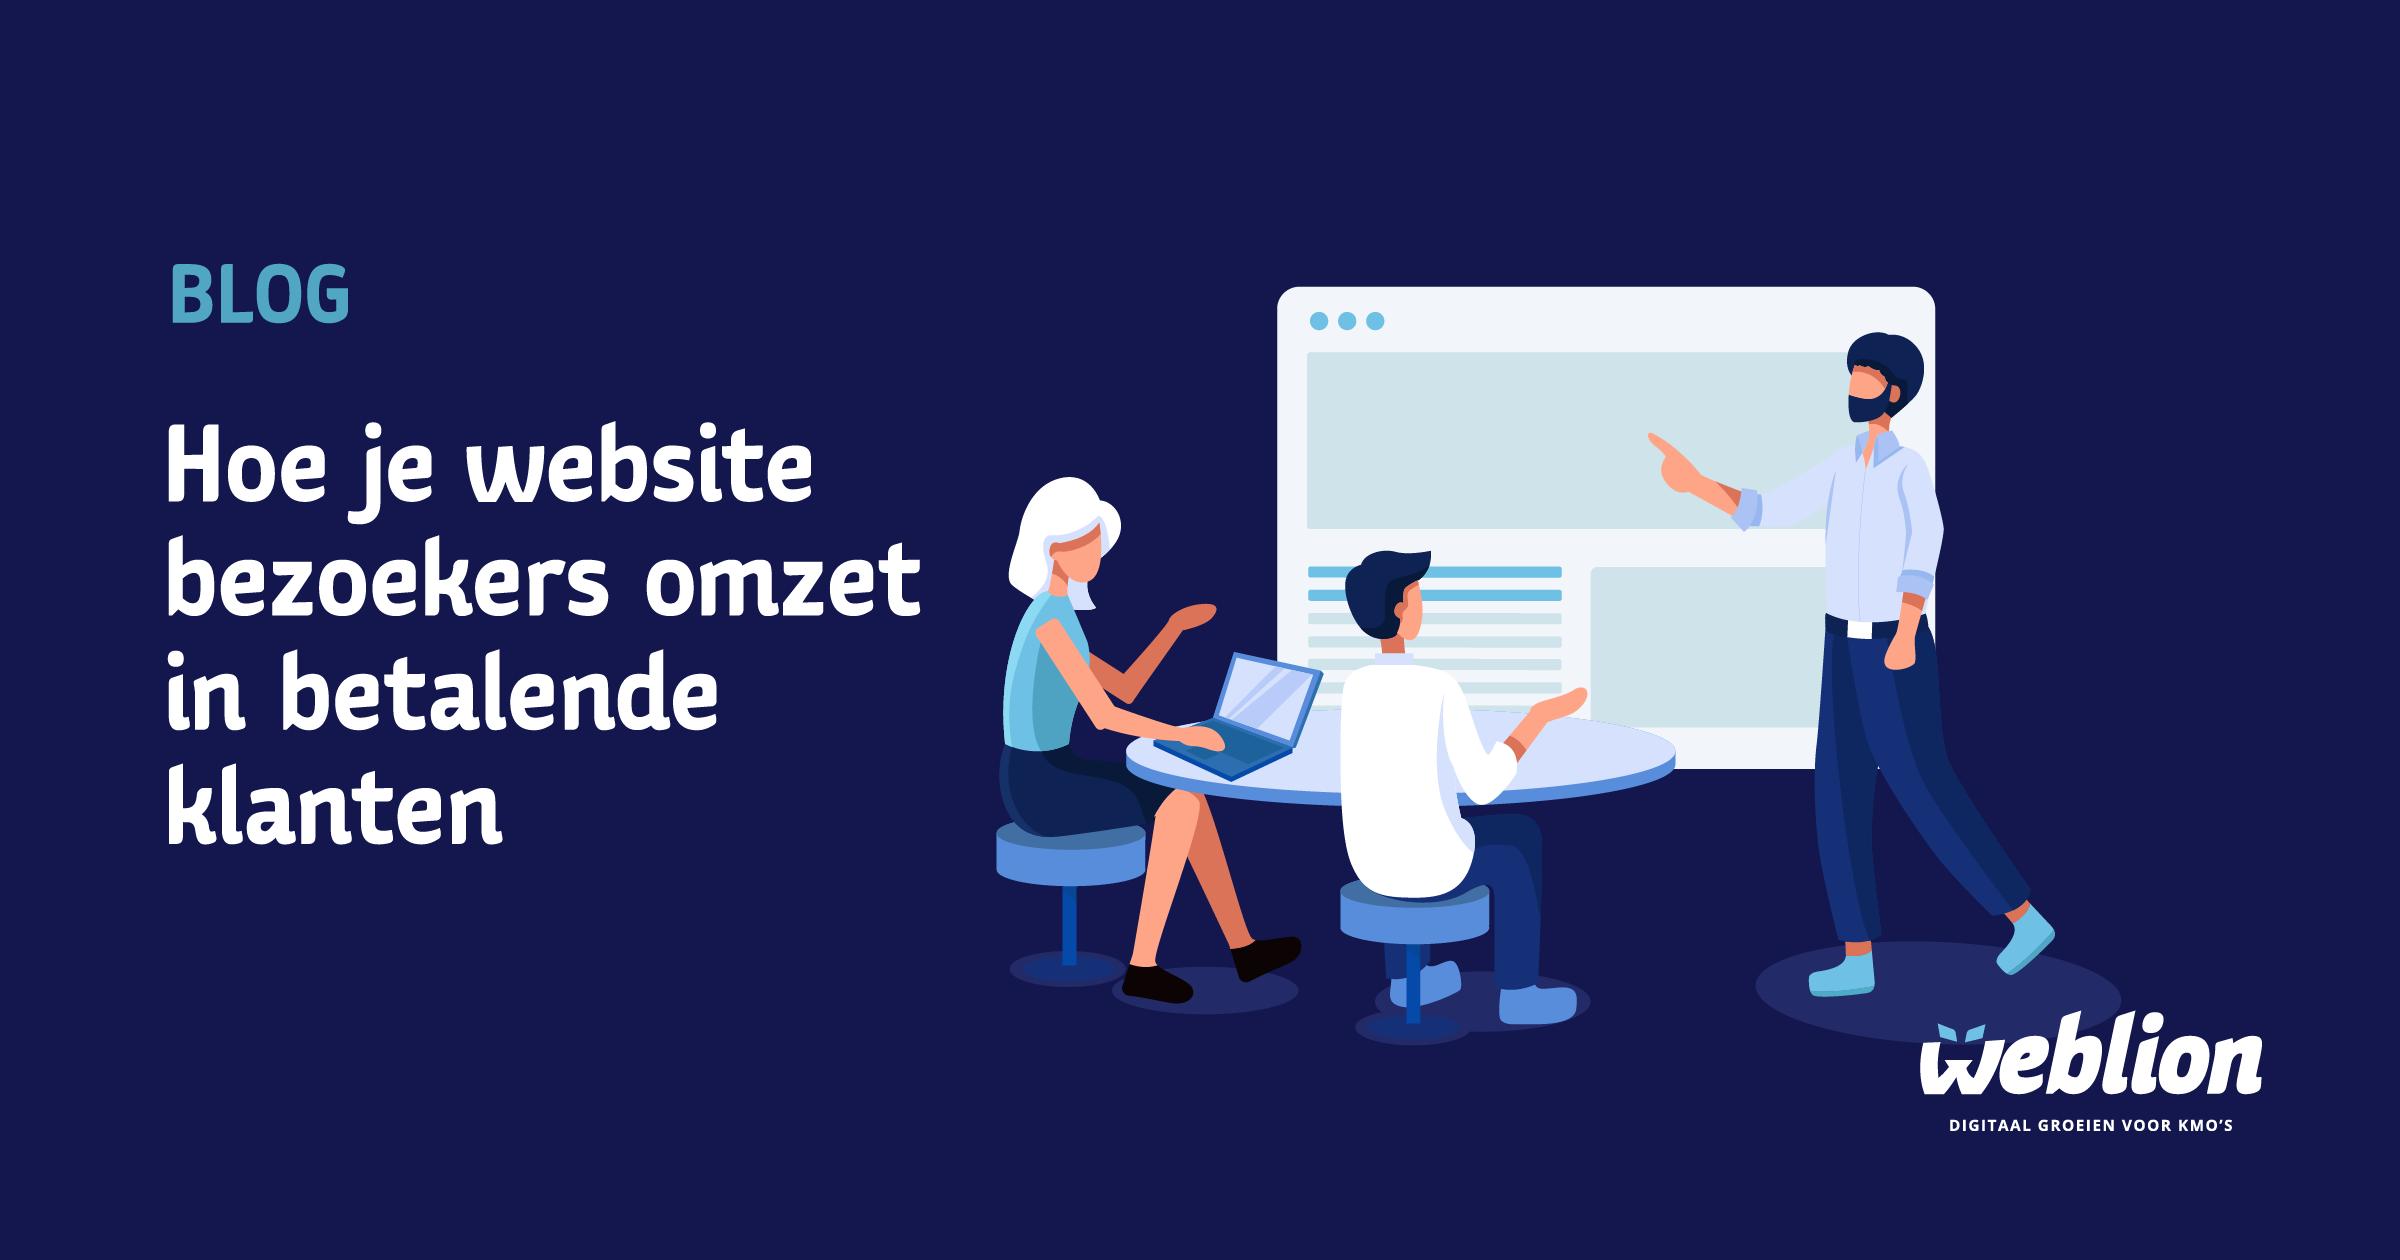 Hoe je website bezoekers omzet in betalende klanten 1